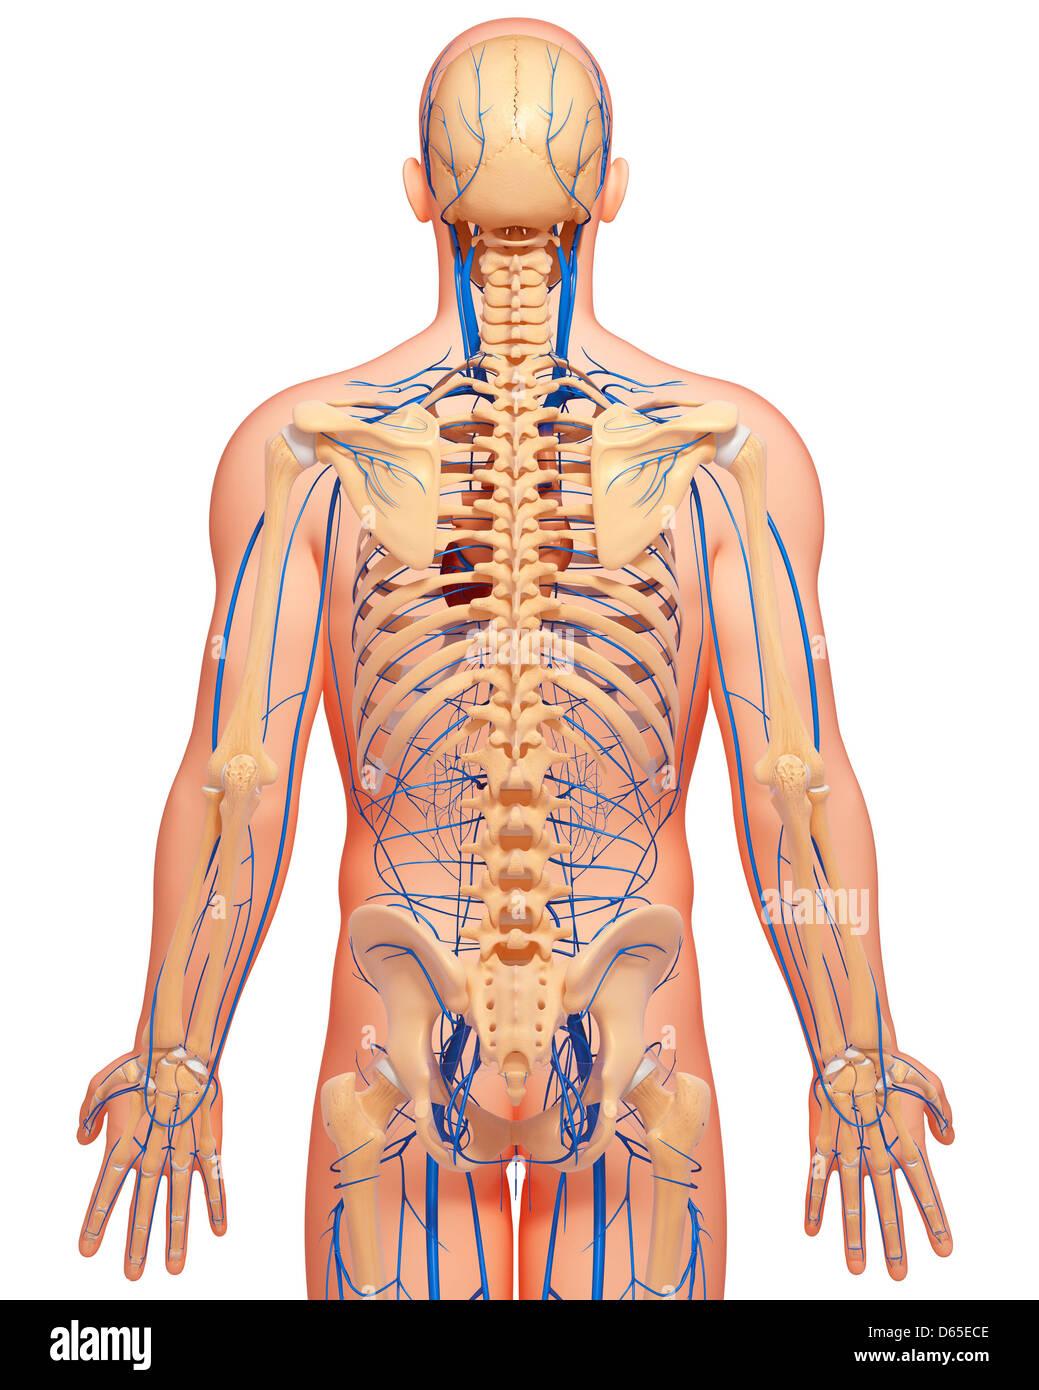 Menschliche Anatomie, artwork Stockfoto, Bild: 55440126 - Alamy